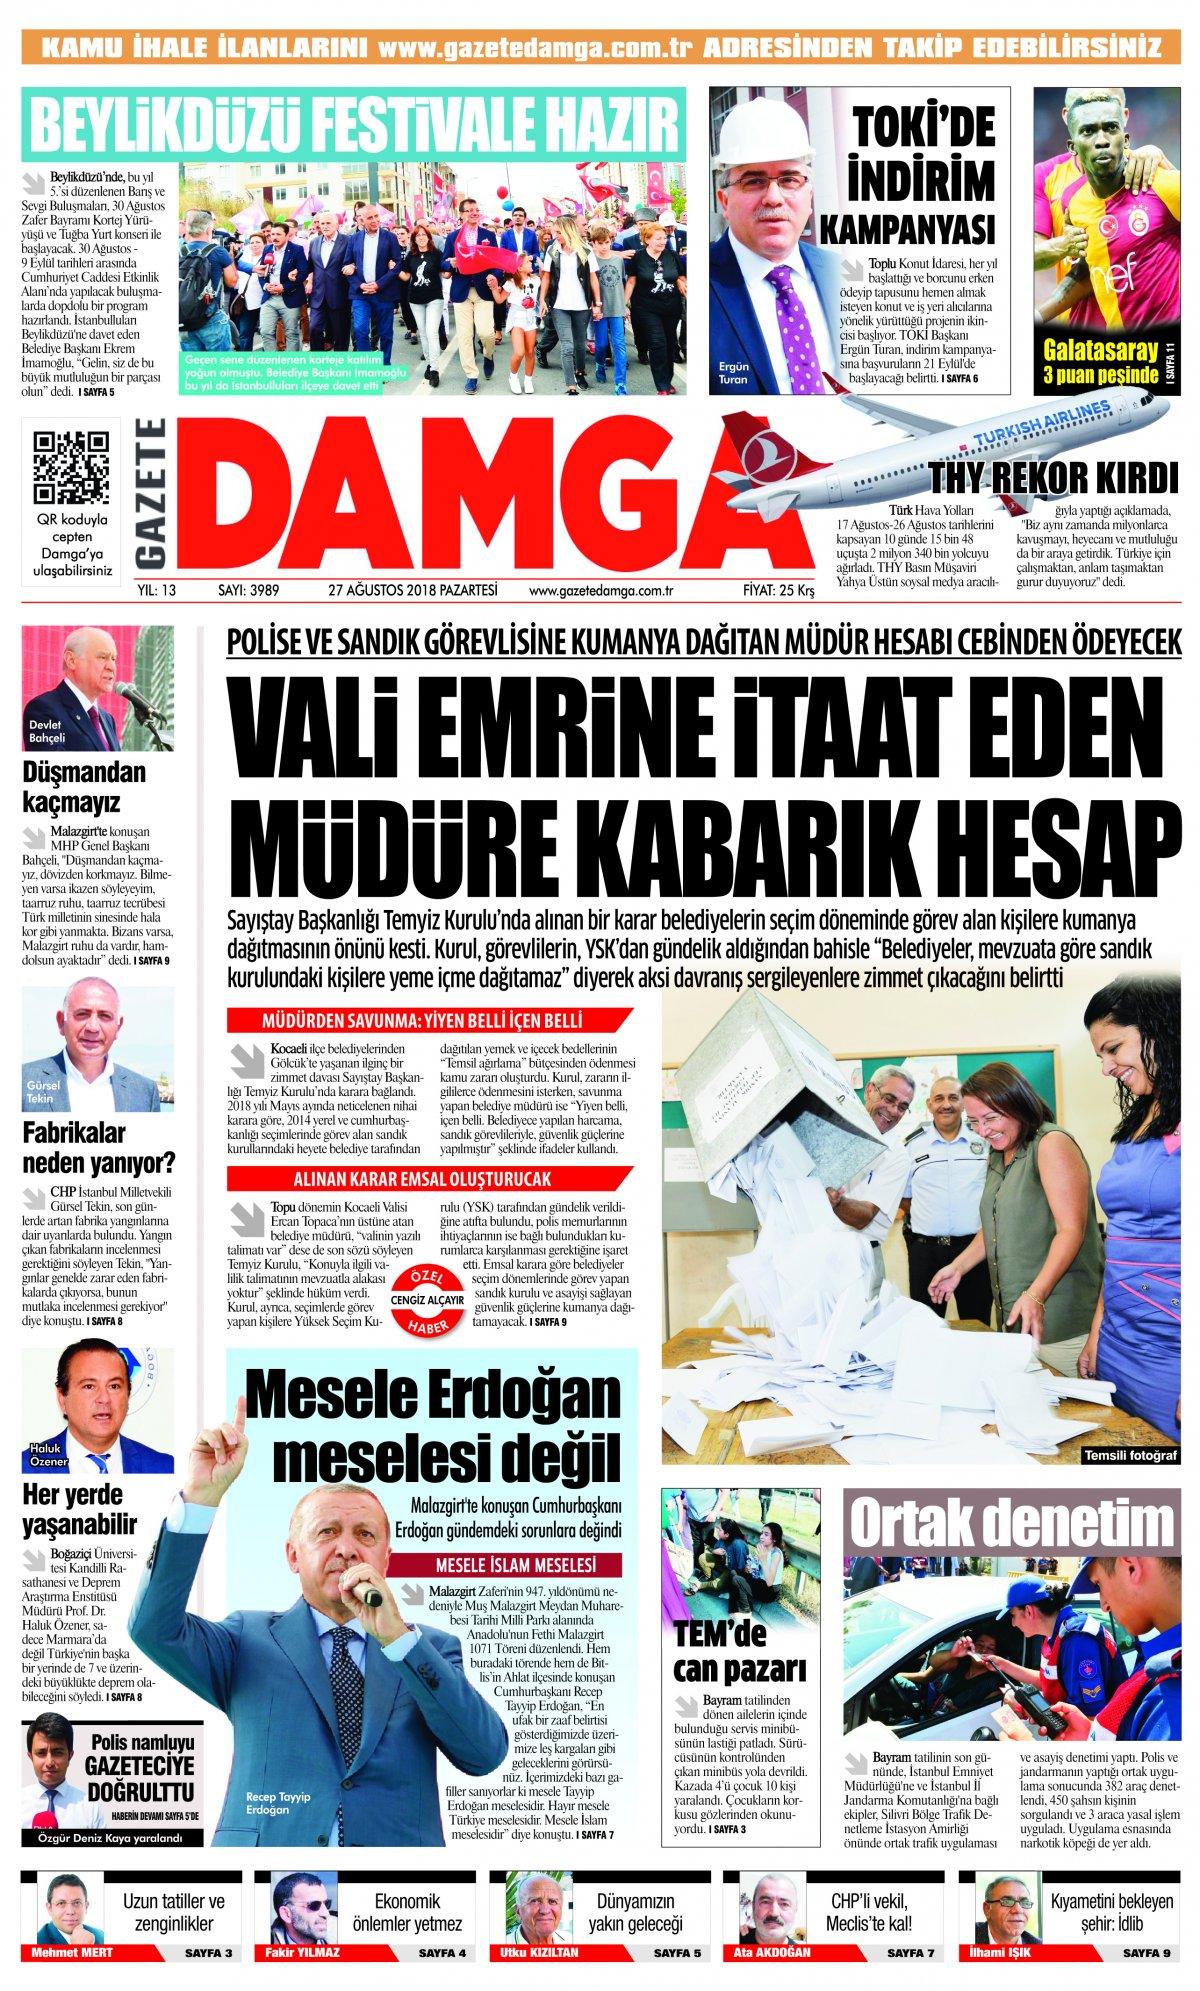 Gazete Damga - 27.08.2018 Manşeti